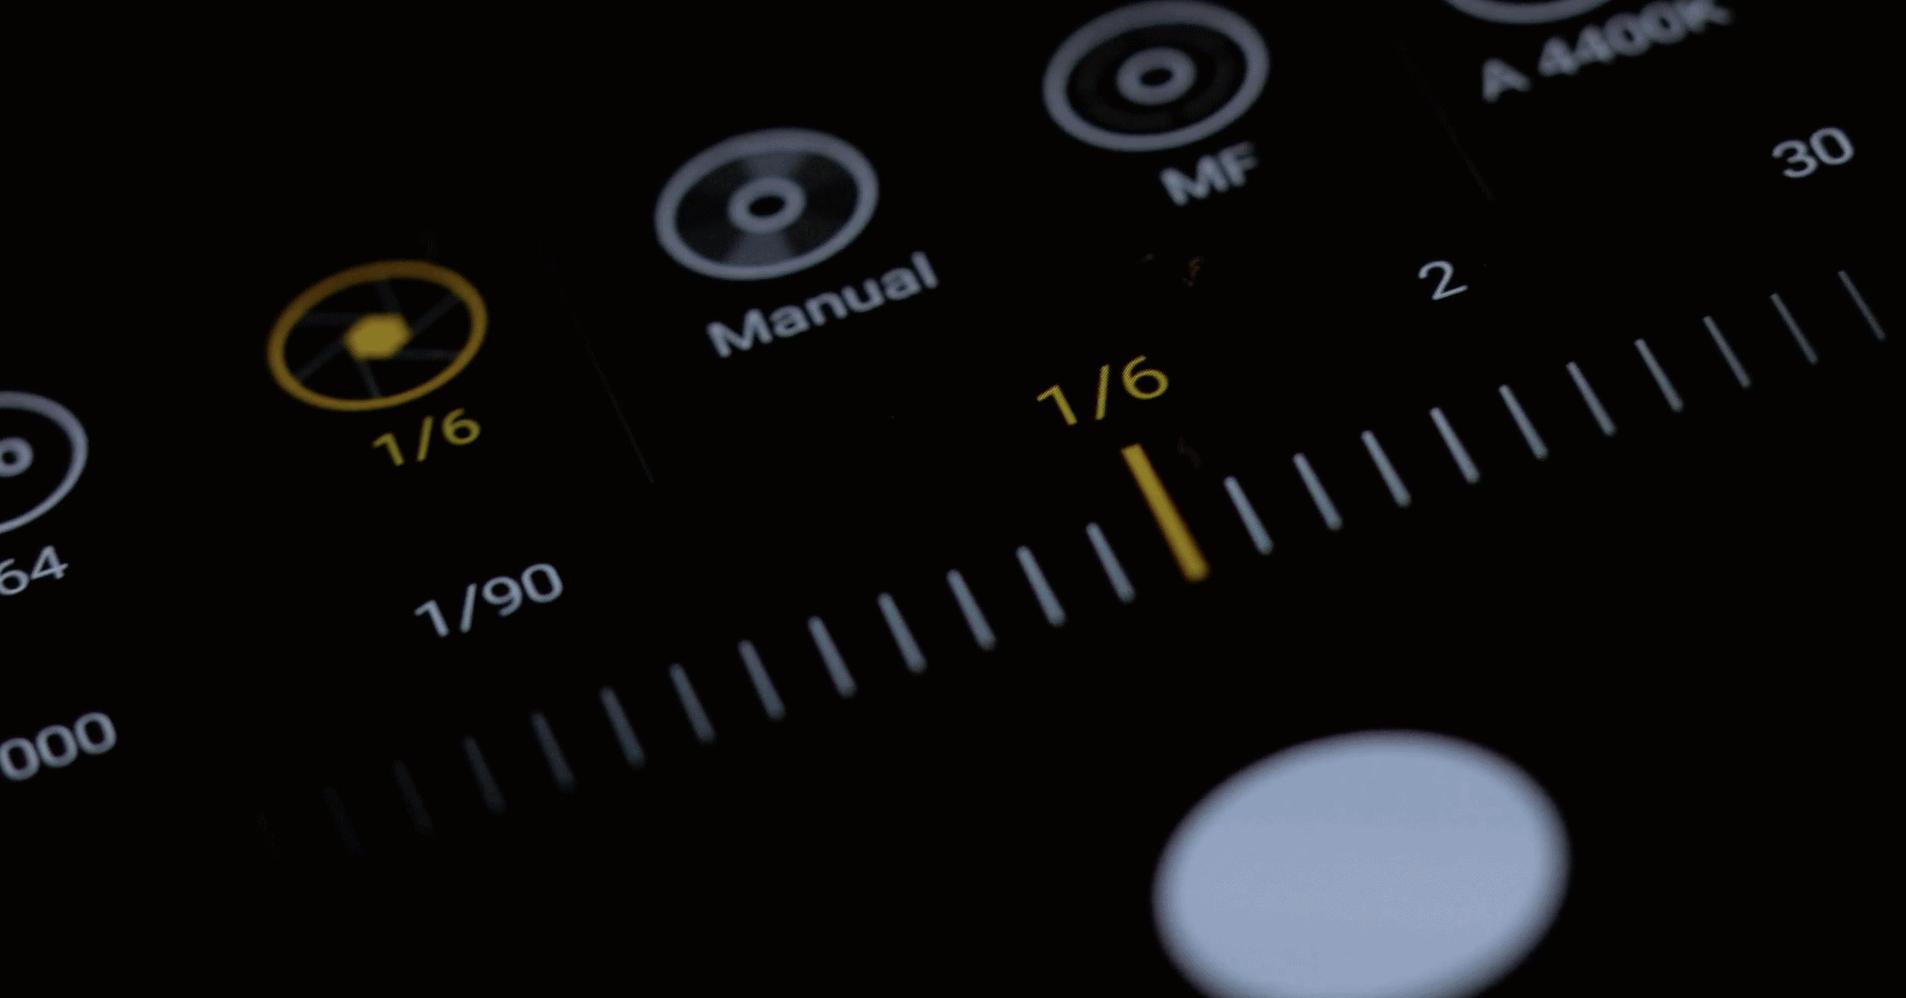 Modo pro para fotografiar en modo manual con el Samsung Galaxy S20 Ultra